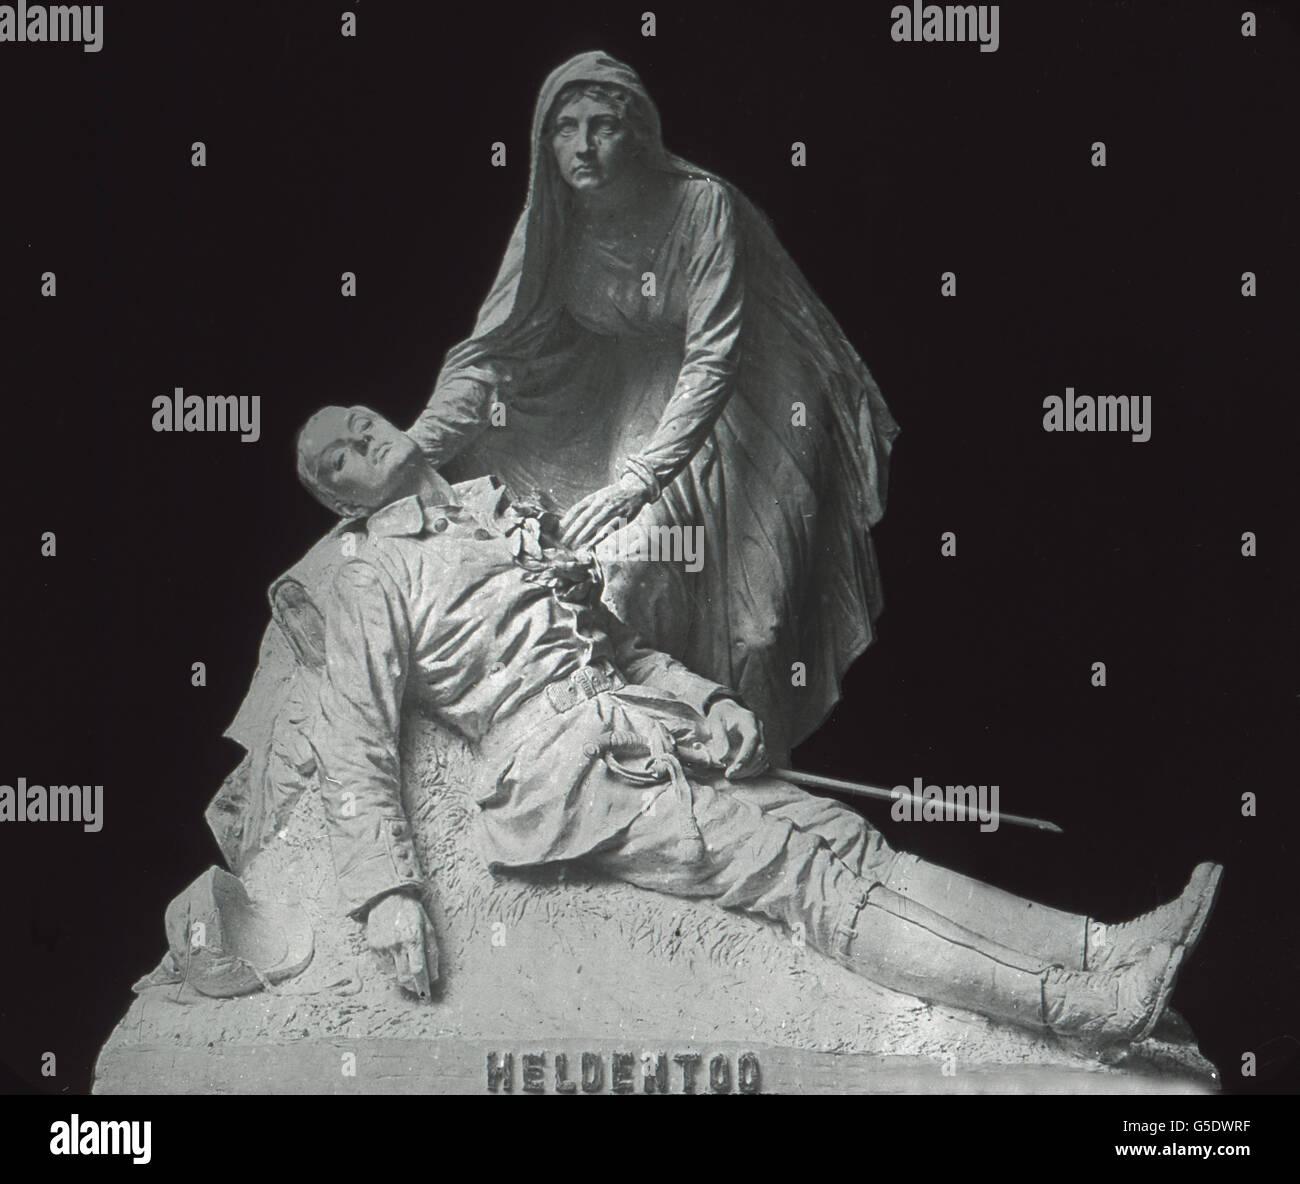 Allegorische Darstellung zum Thema Heldentod. Statue showing the allegory of heroic death. Germany, war, World War, - Stock Image